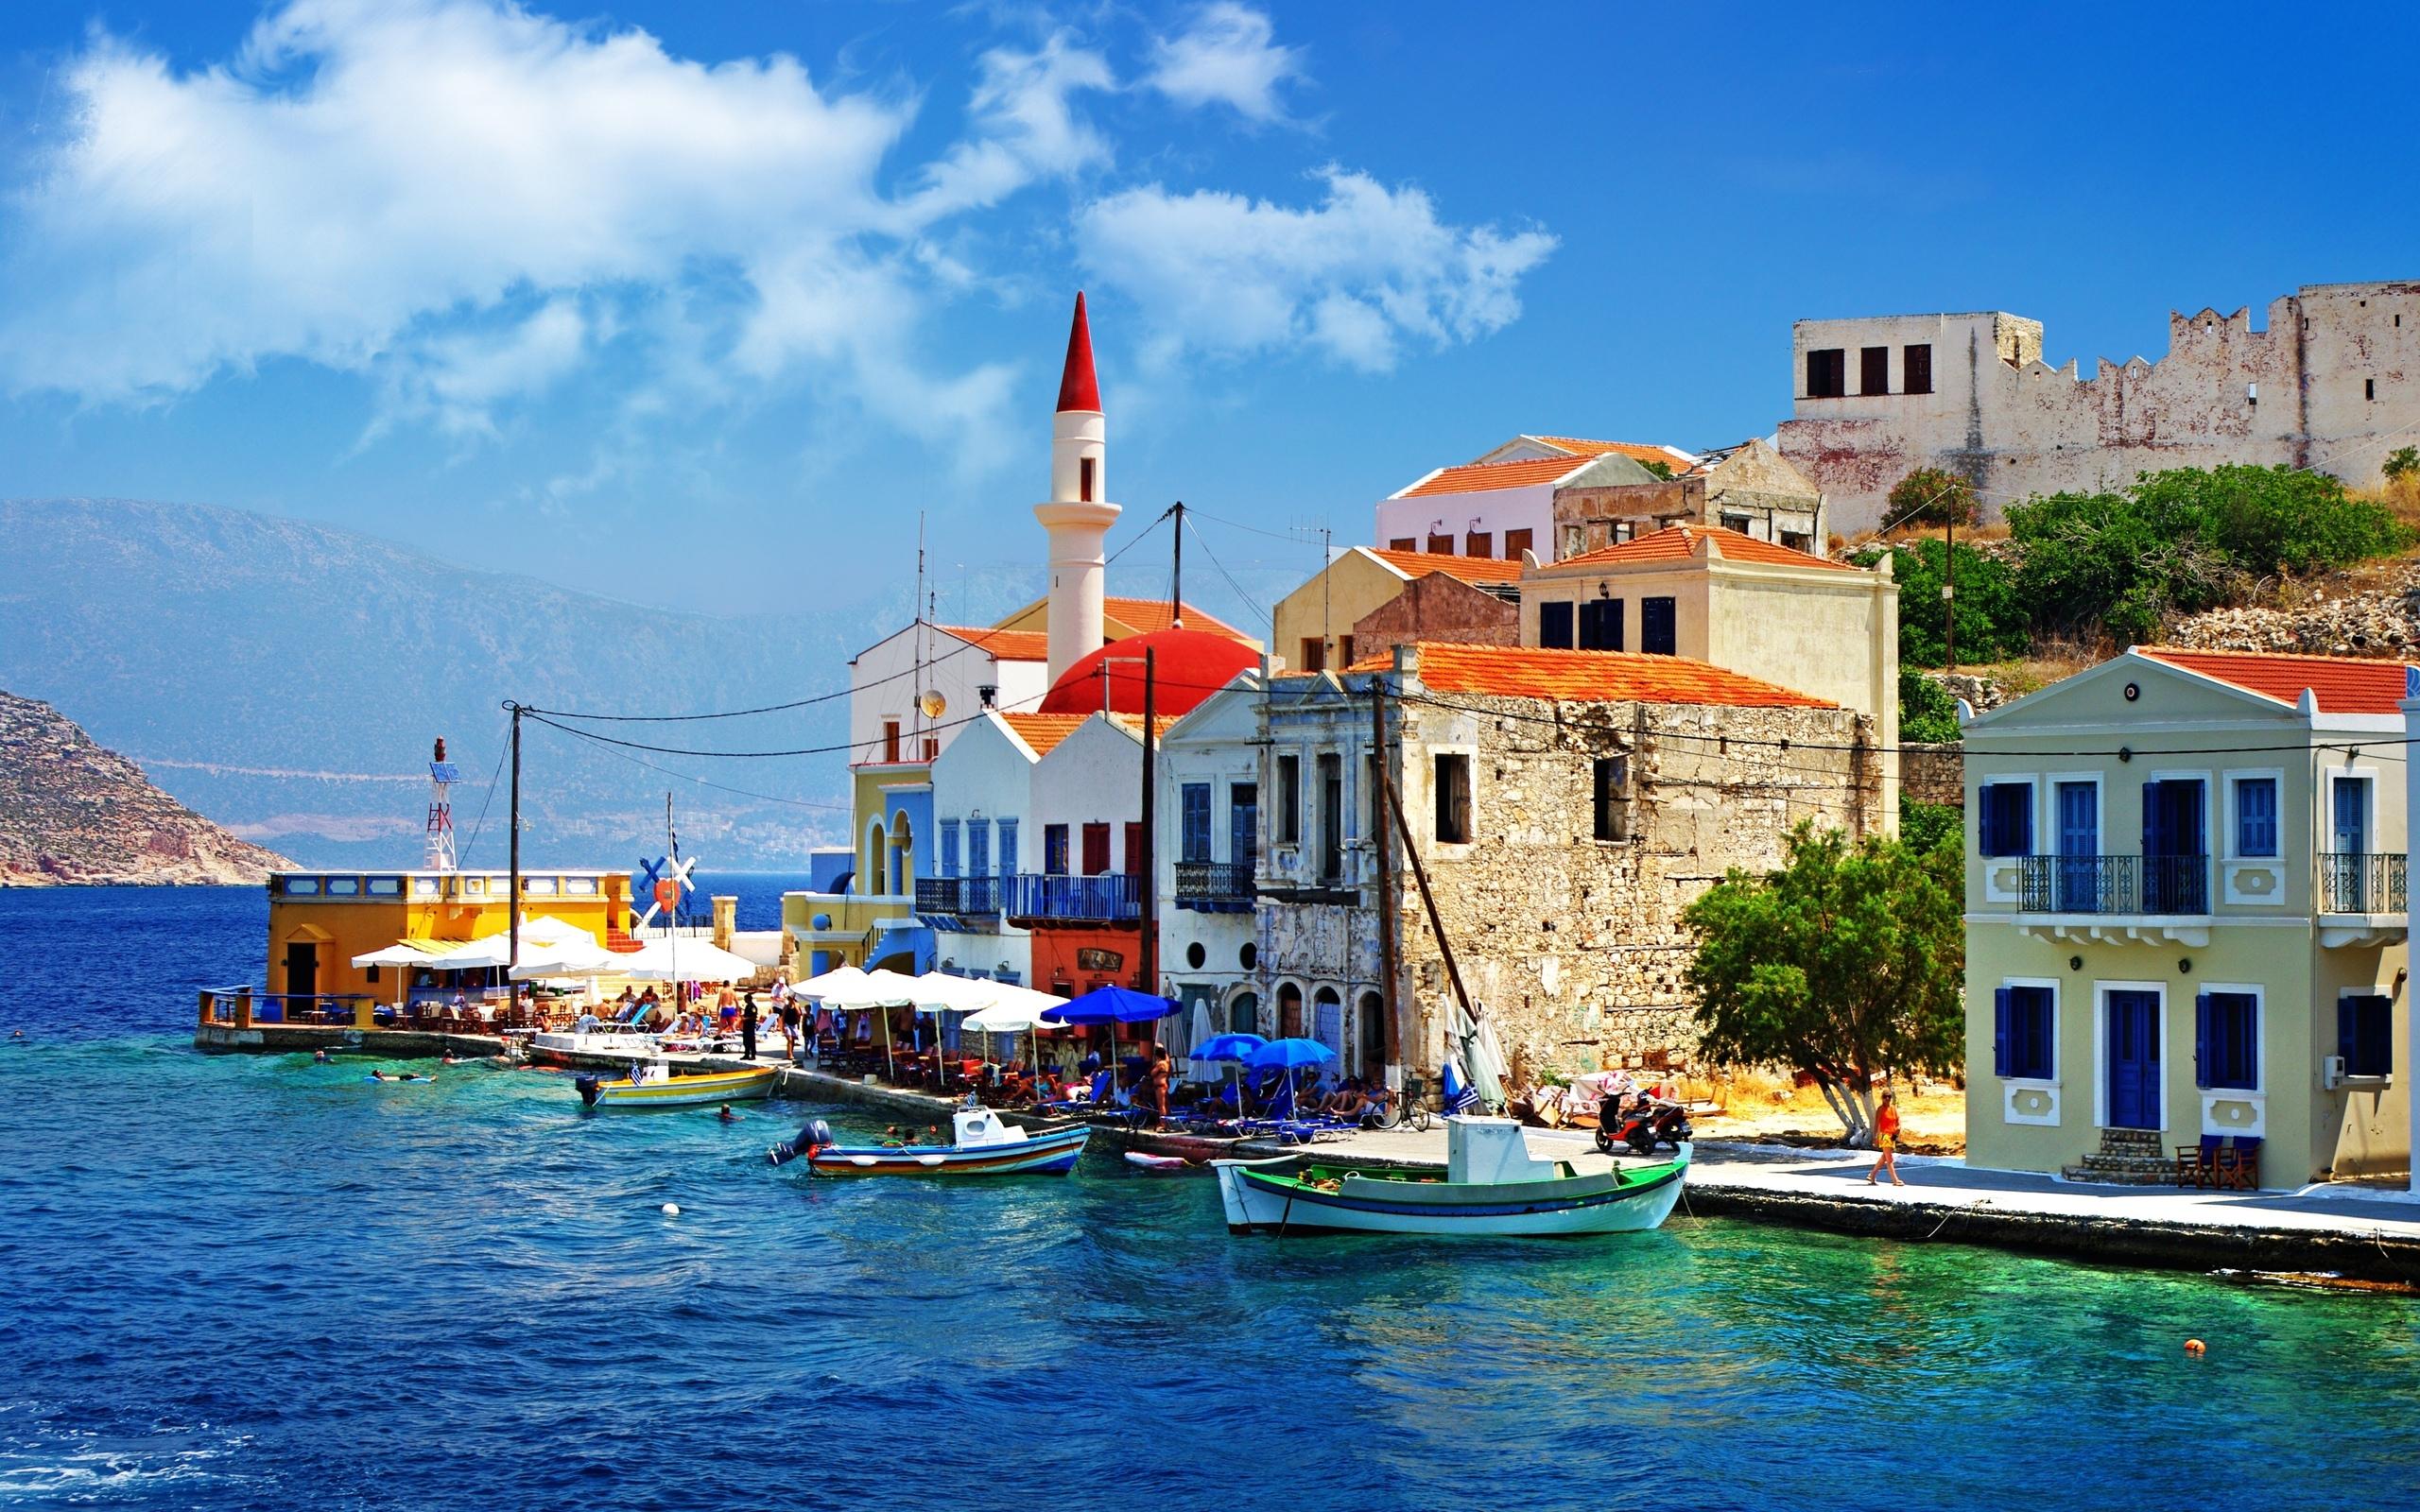 городок на острове скачать